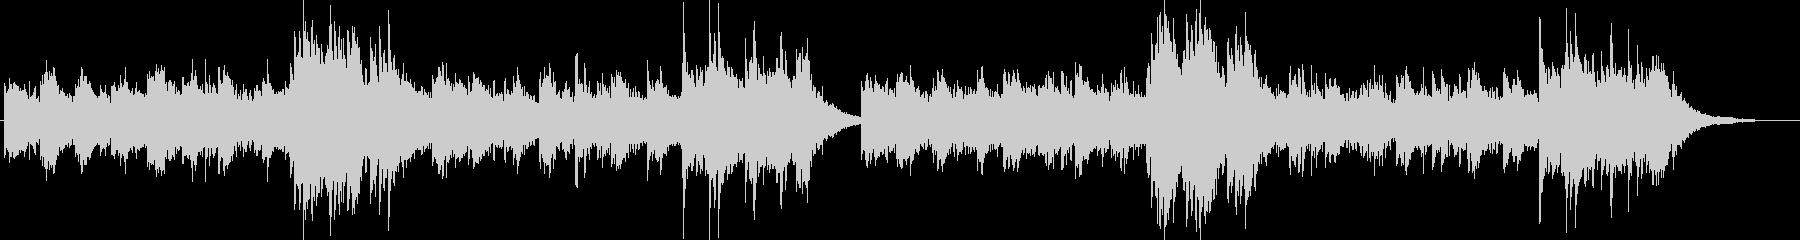 癒しピアノのヒーリングBGMの未再生の波形